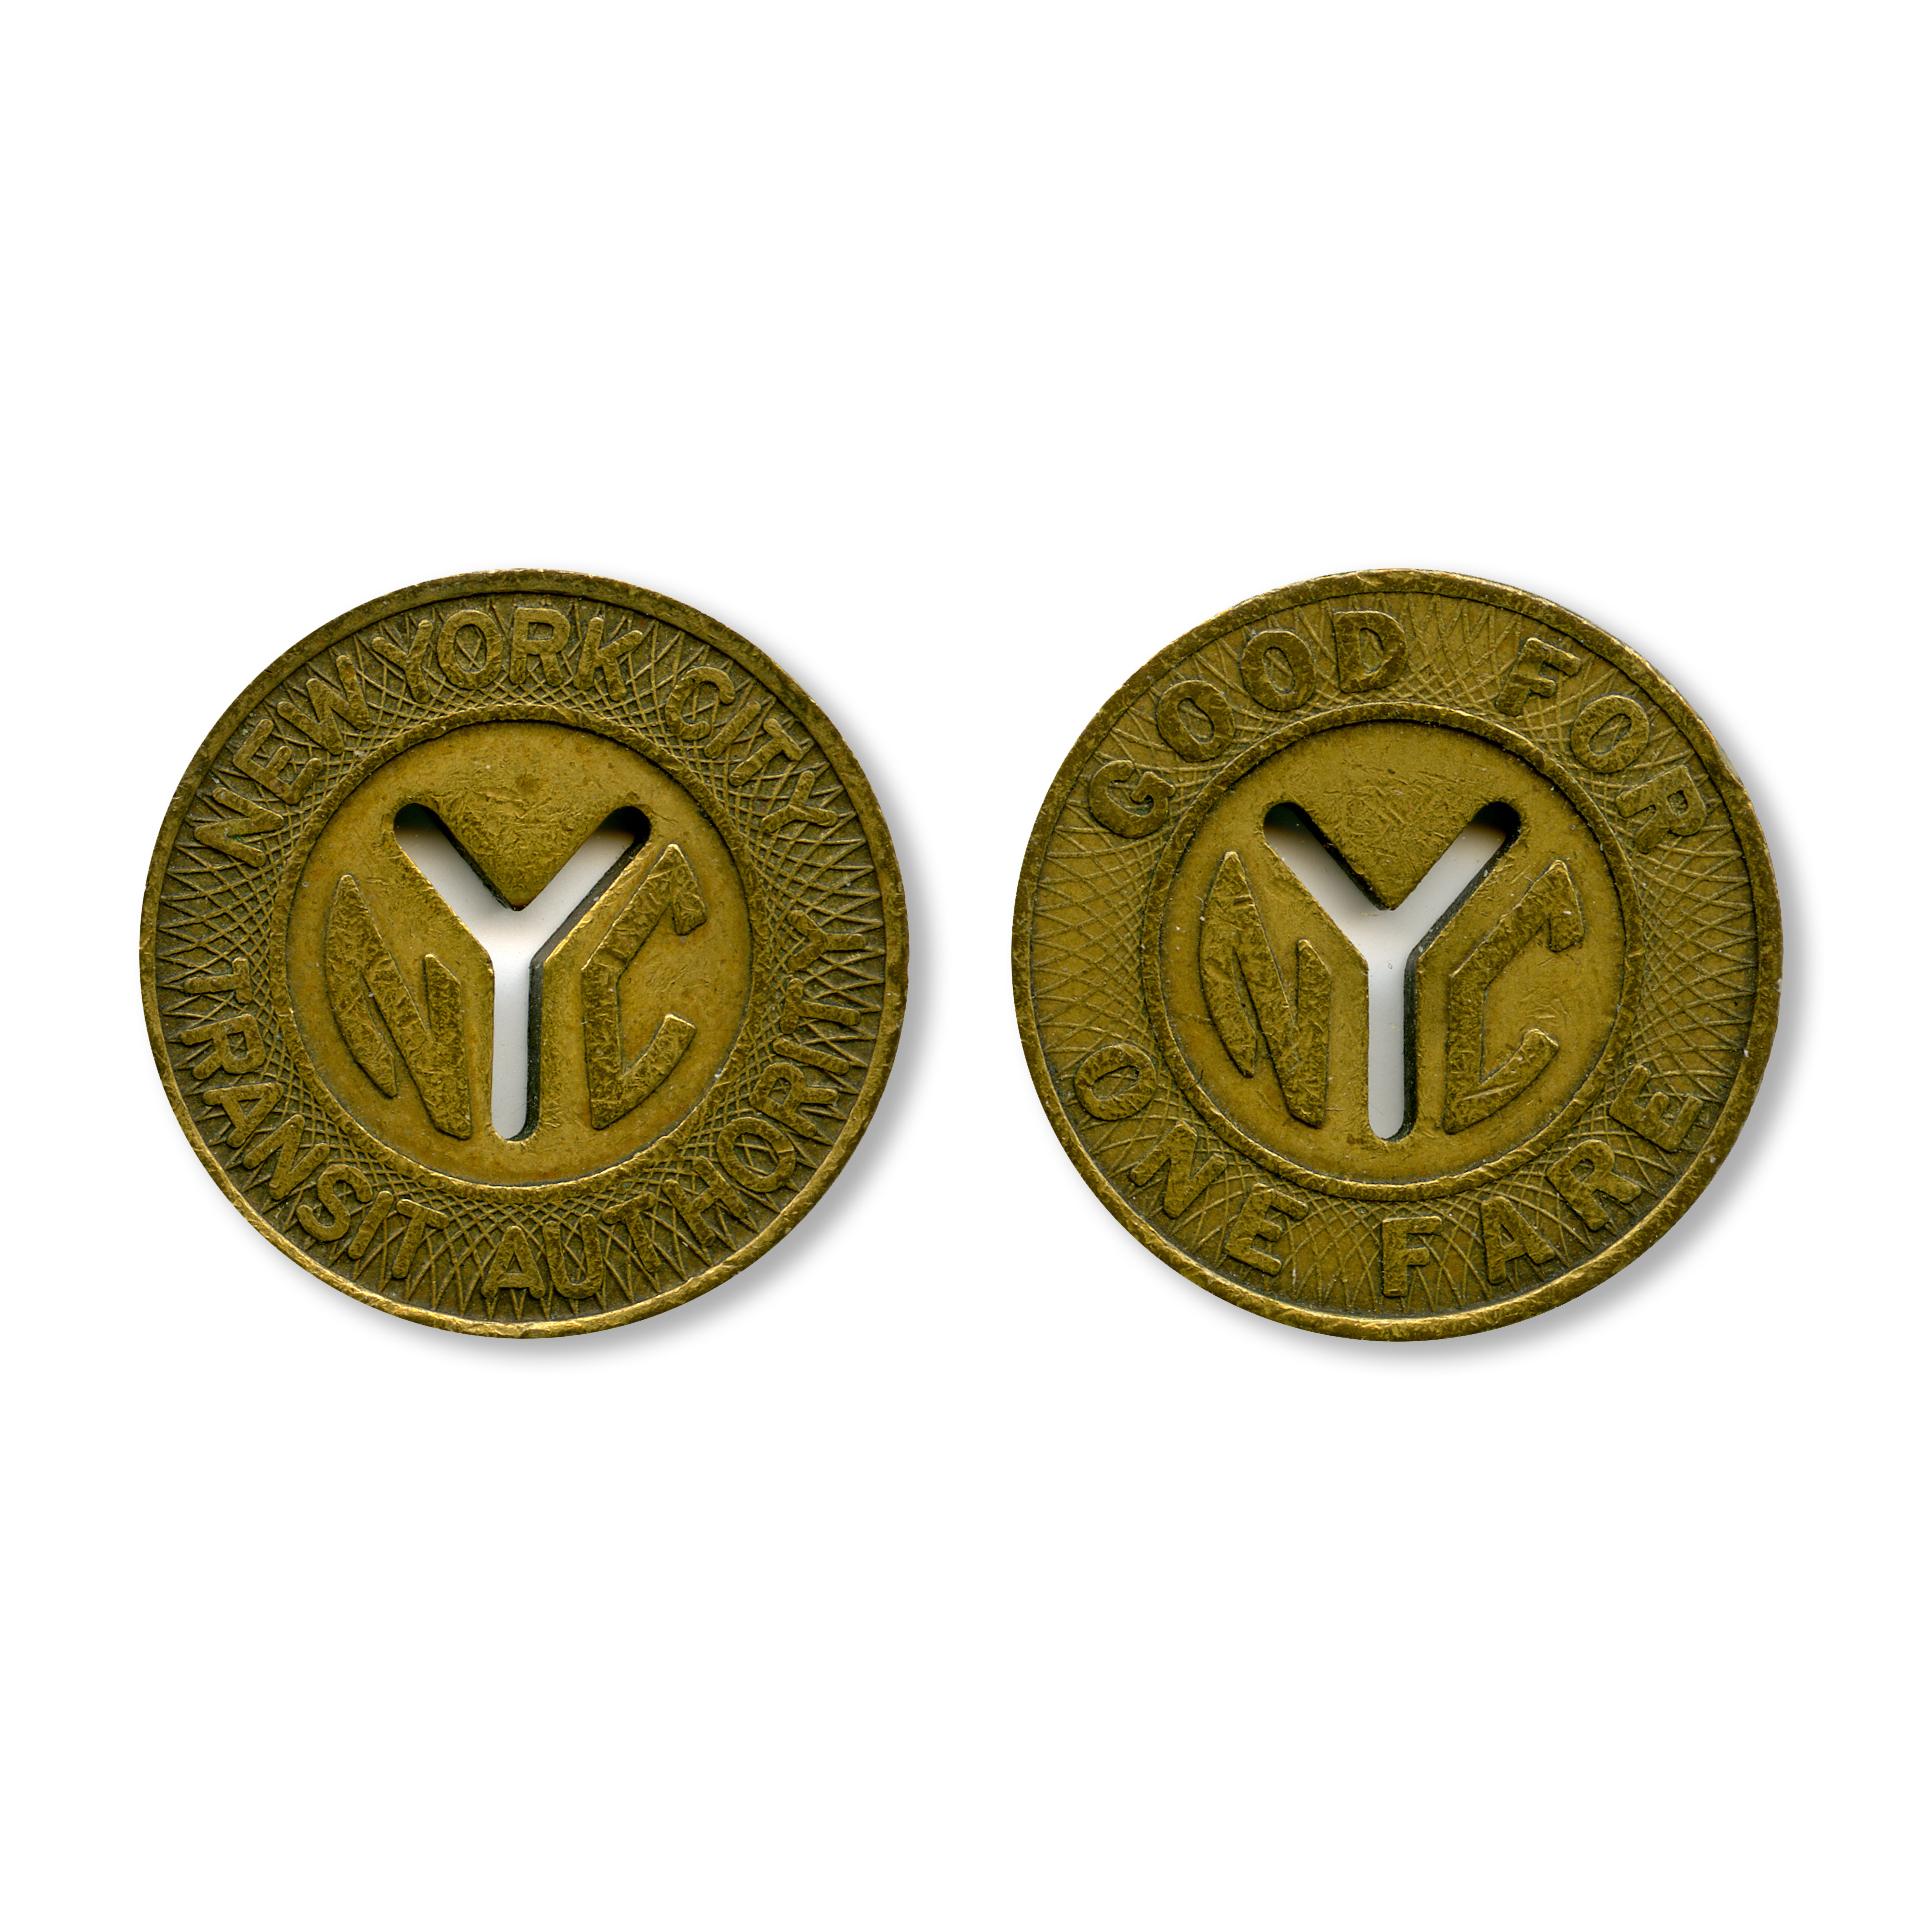 the_nycta_project_y_token_1970_brian_kelley.jpg